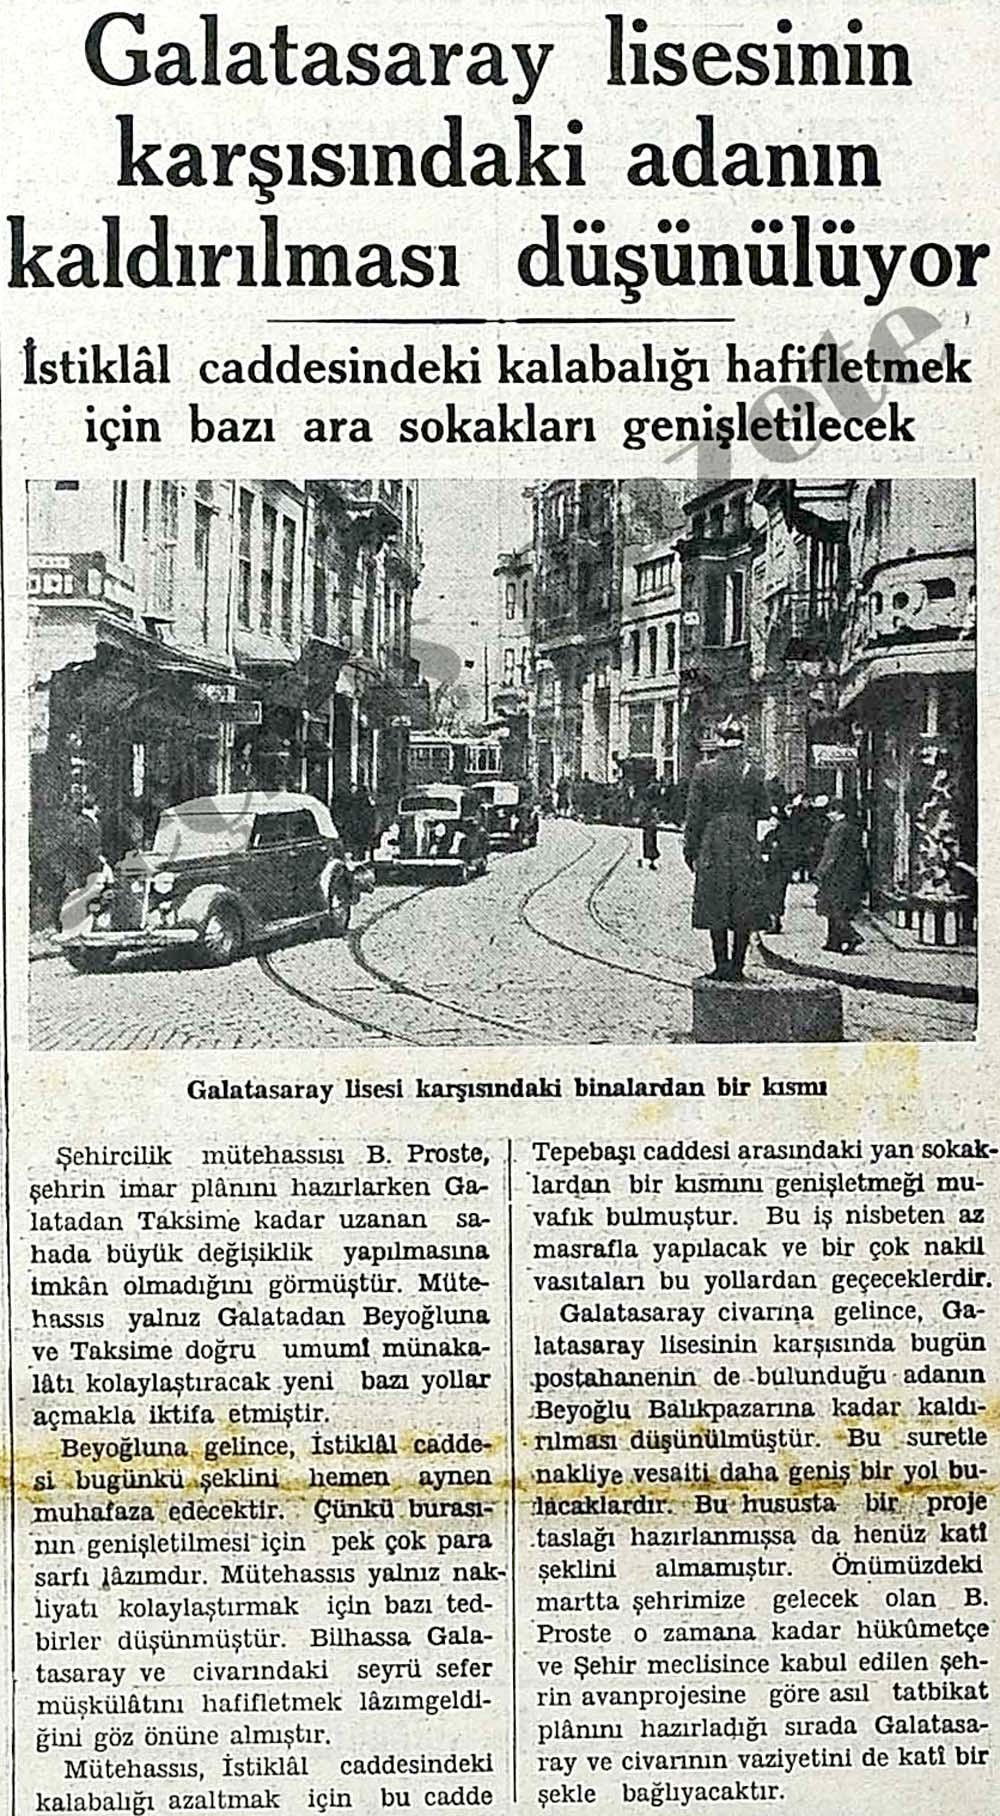 Galatasaray lisesinin karşısındaki adanın kaldırılması düşünülüyor